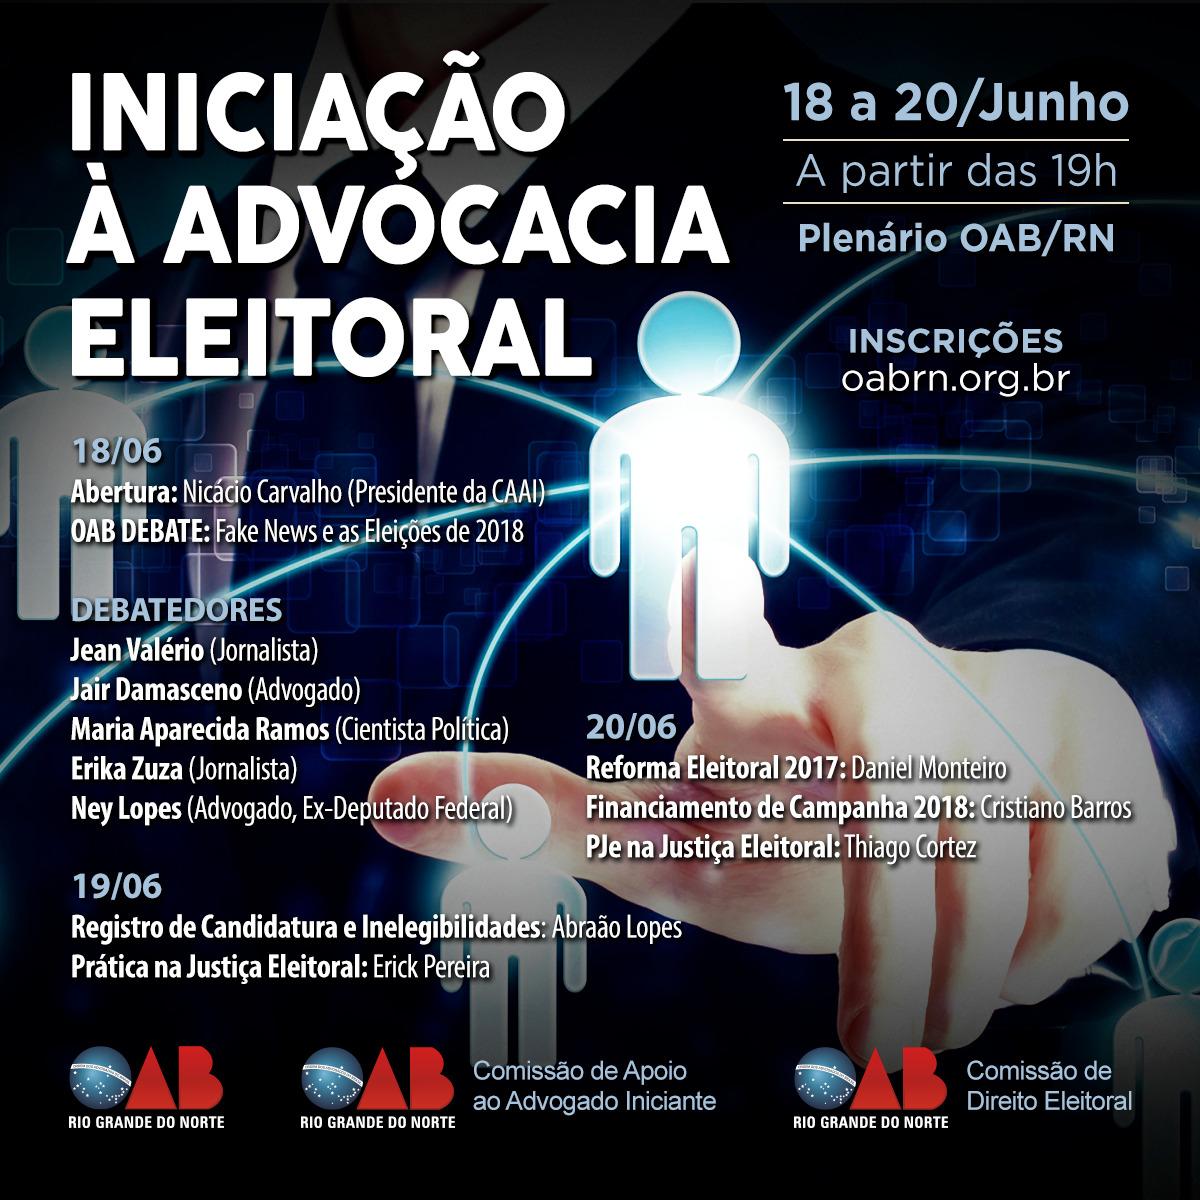 9a85ed7285 A Comissão do Advogado Iniciante está trazendo o constitucionalista Erick  Pereira